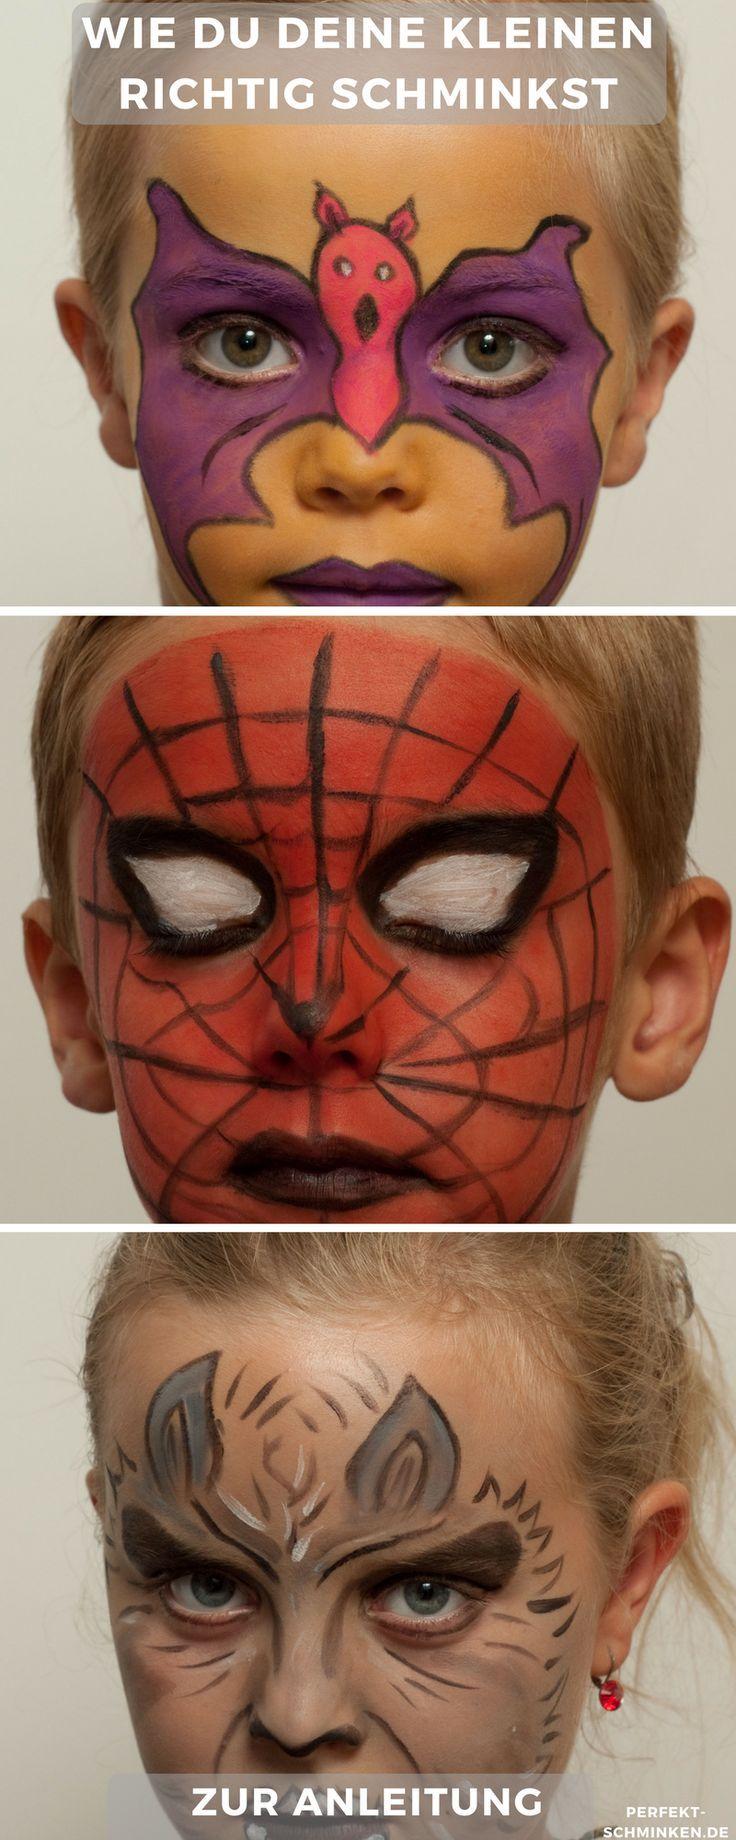 #Kinder schmiken kann so einen Spa� machen. Aber nur, wenn sie danach gut aussehen. Inspiration gibt's hier